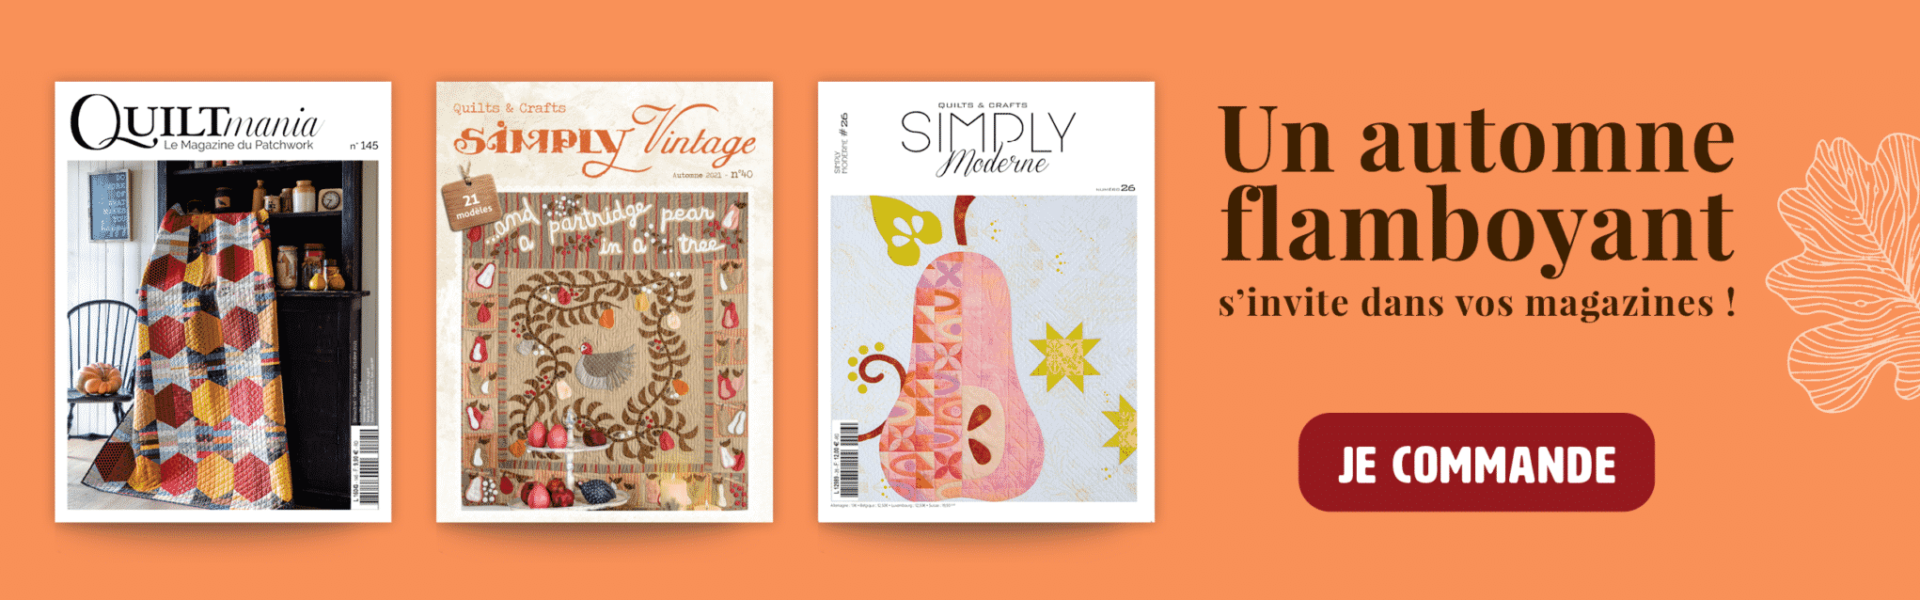 Magazines quiltmania automne